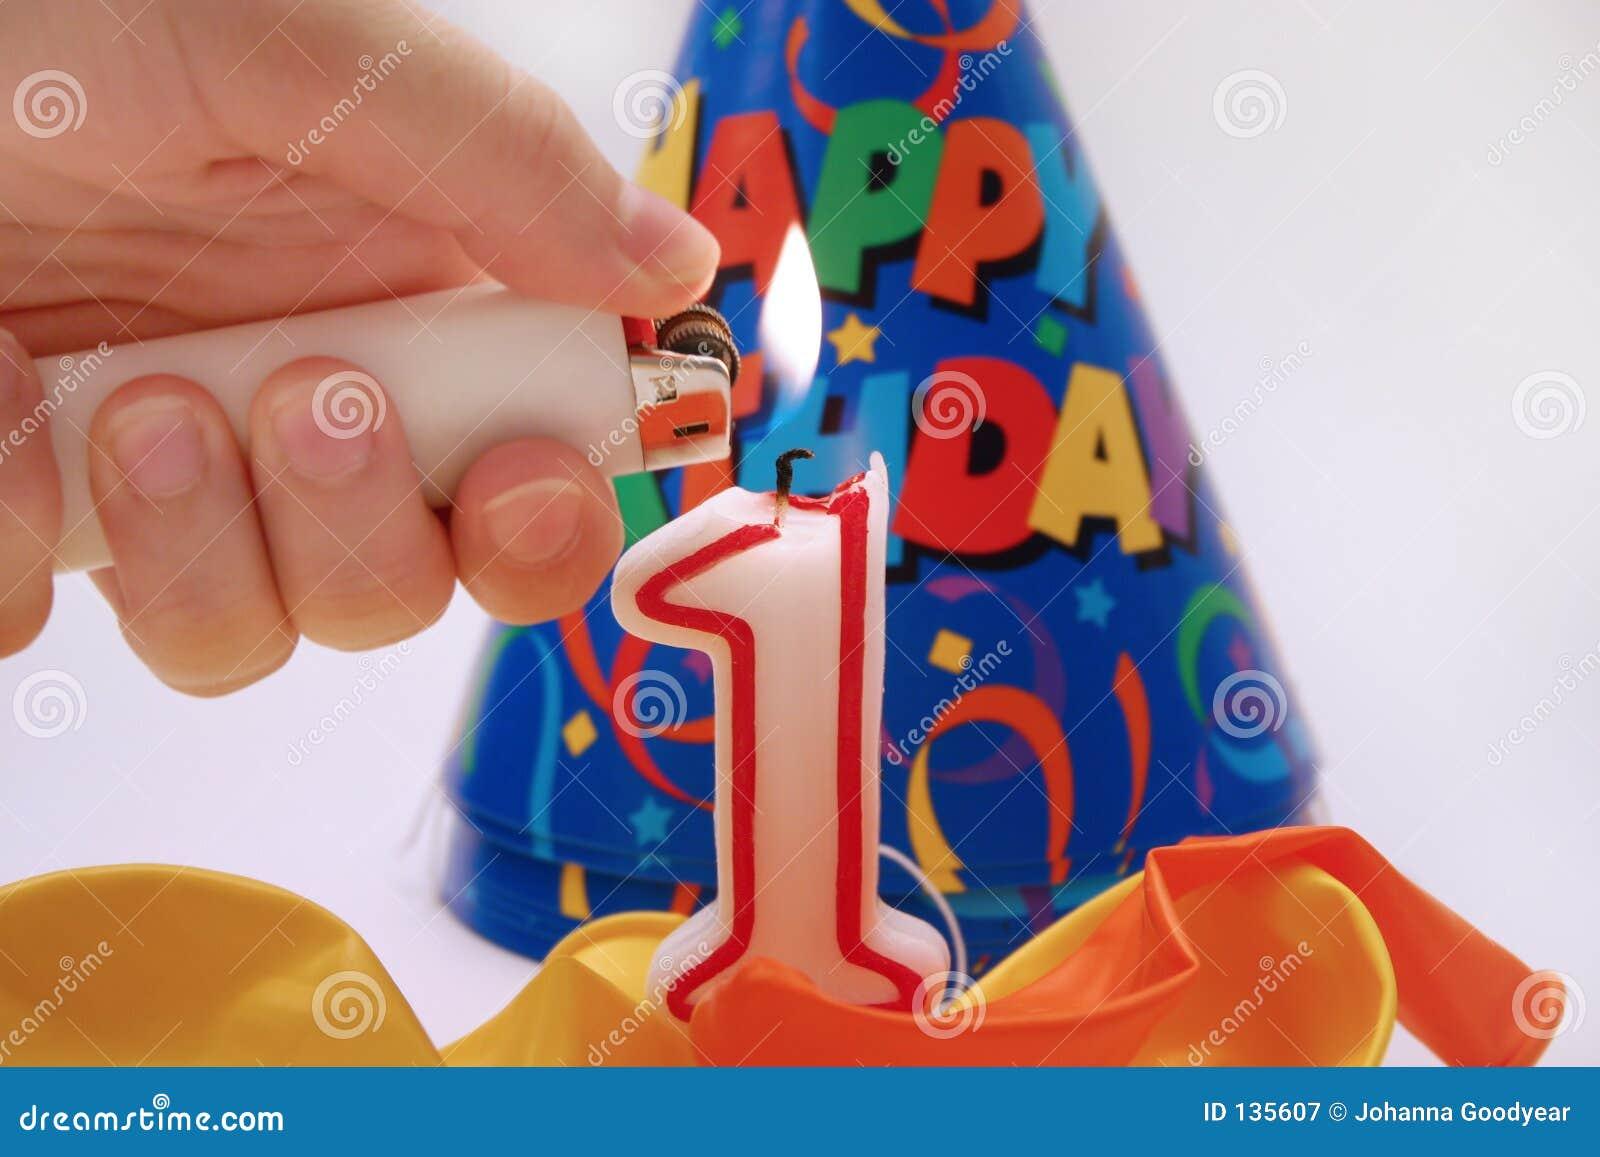 Urodzin 5 scena